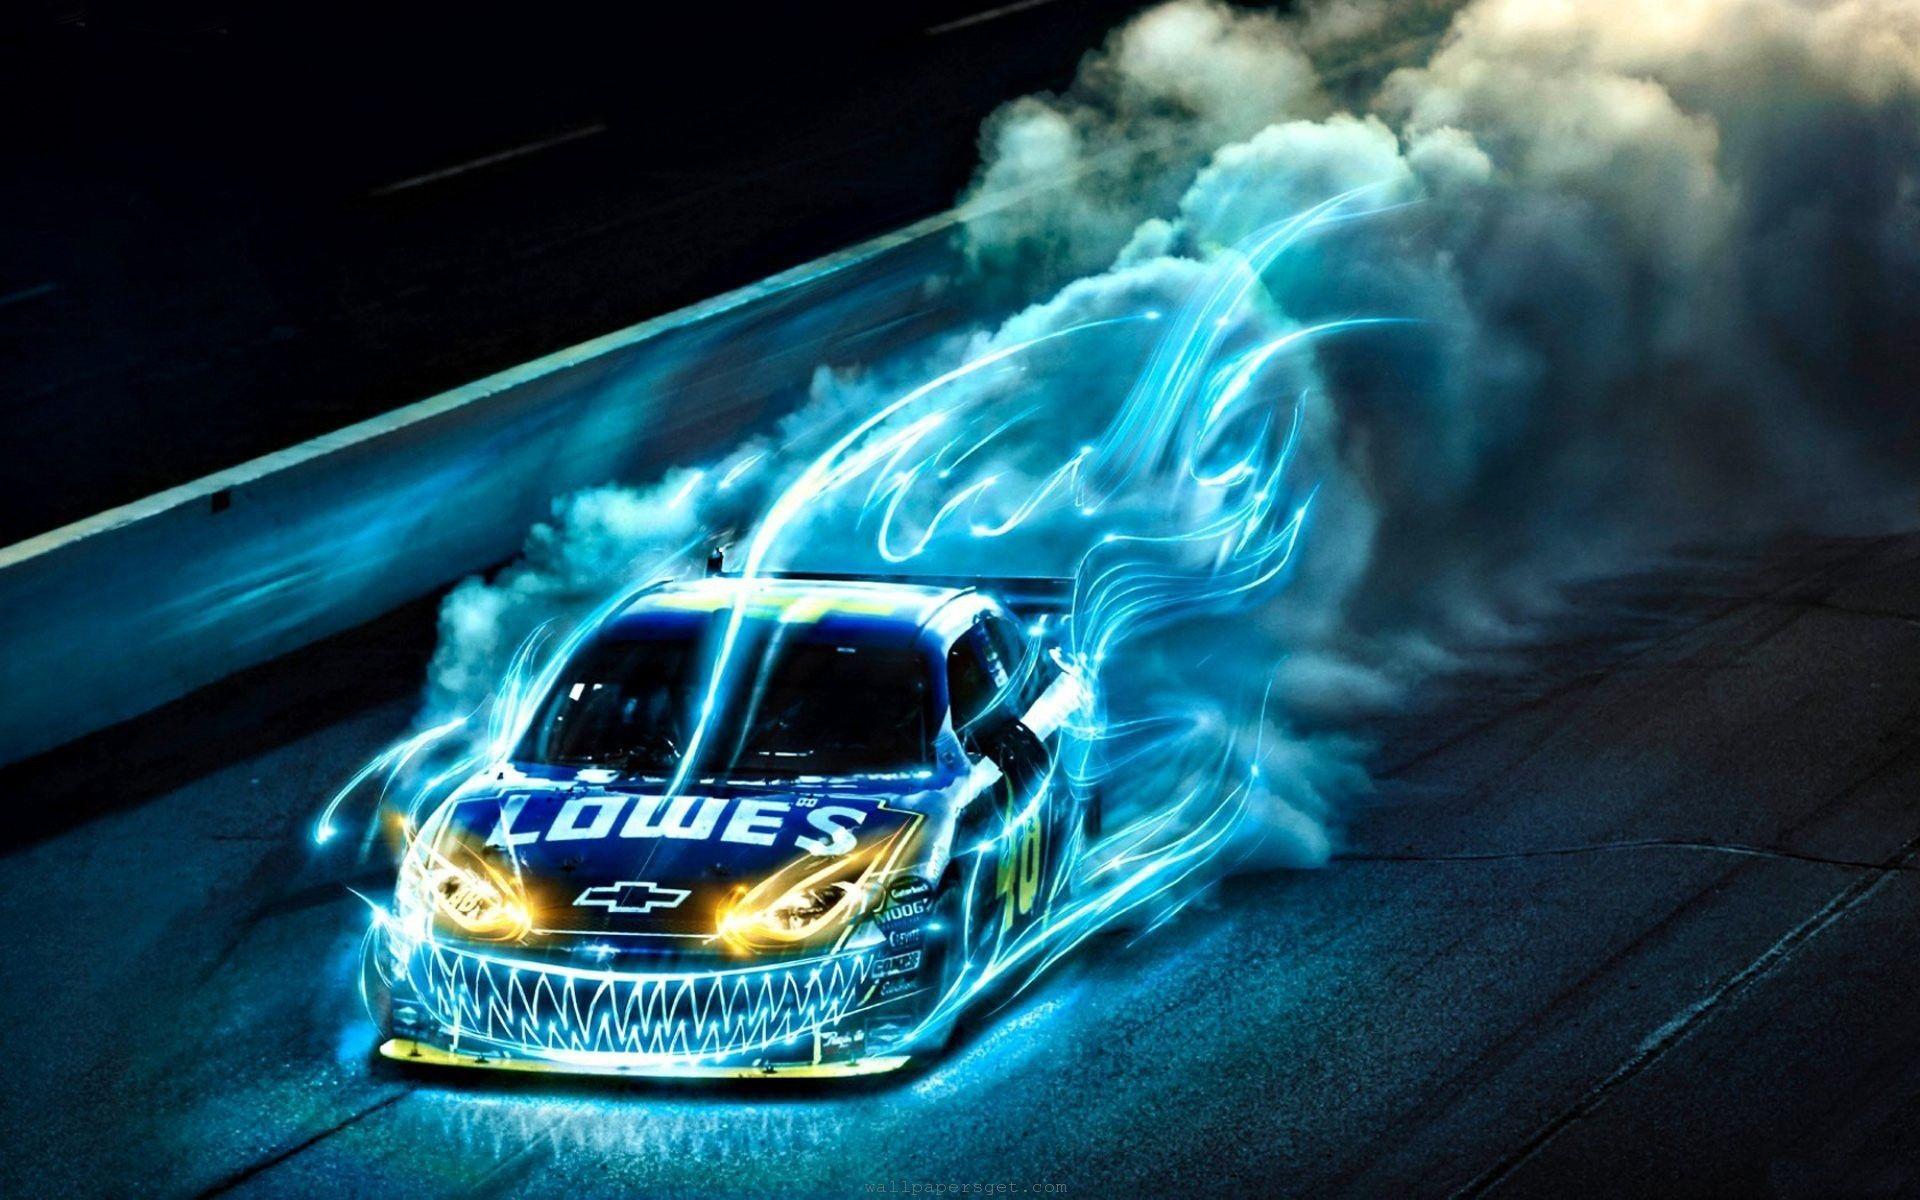 Best Of Racing Desktop Backgrounds Car Wallpapers Nascar Iphone Wallpaper